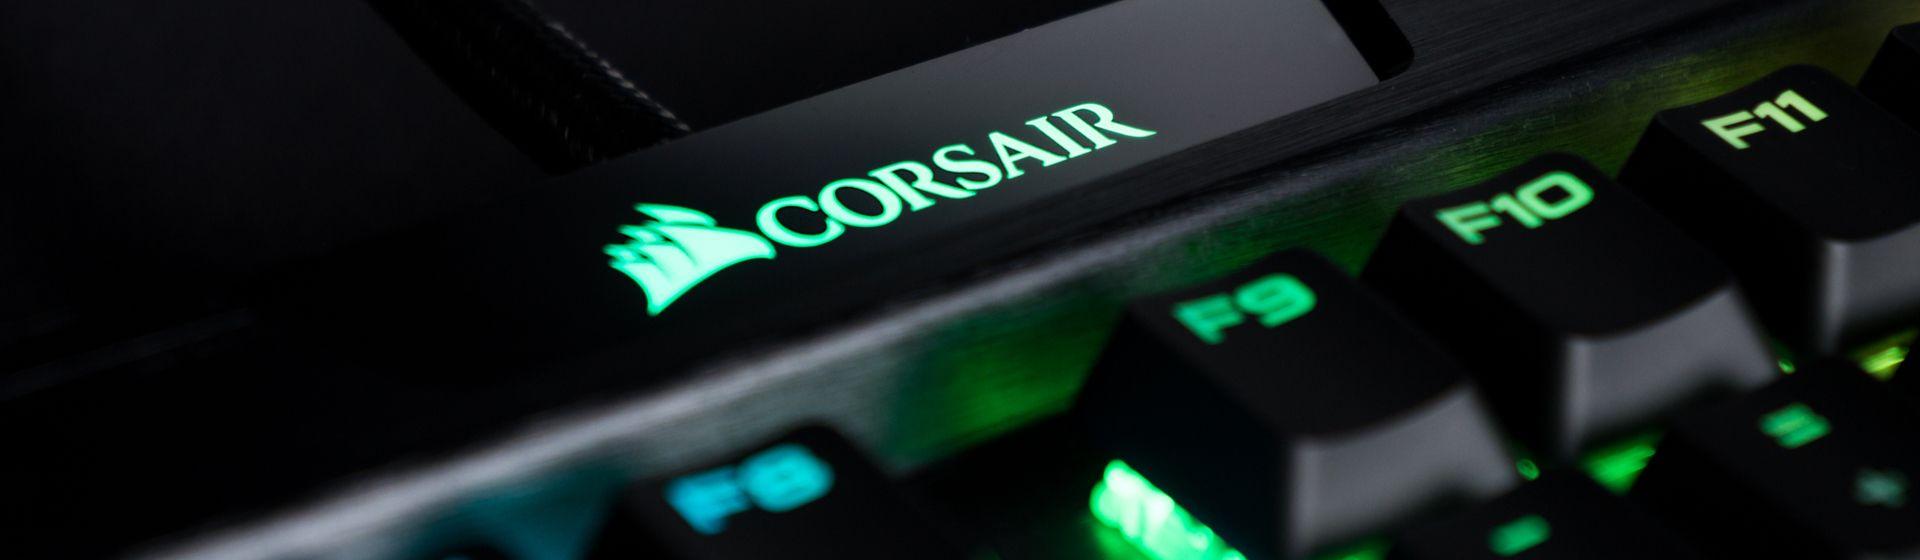 Melhor teclado mecânico Corsair: 7 modelos bons e confortáveis